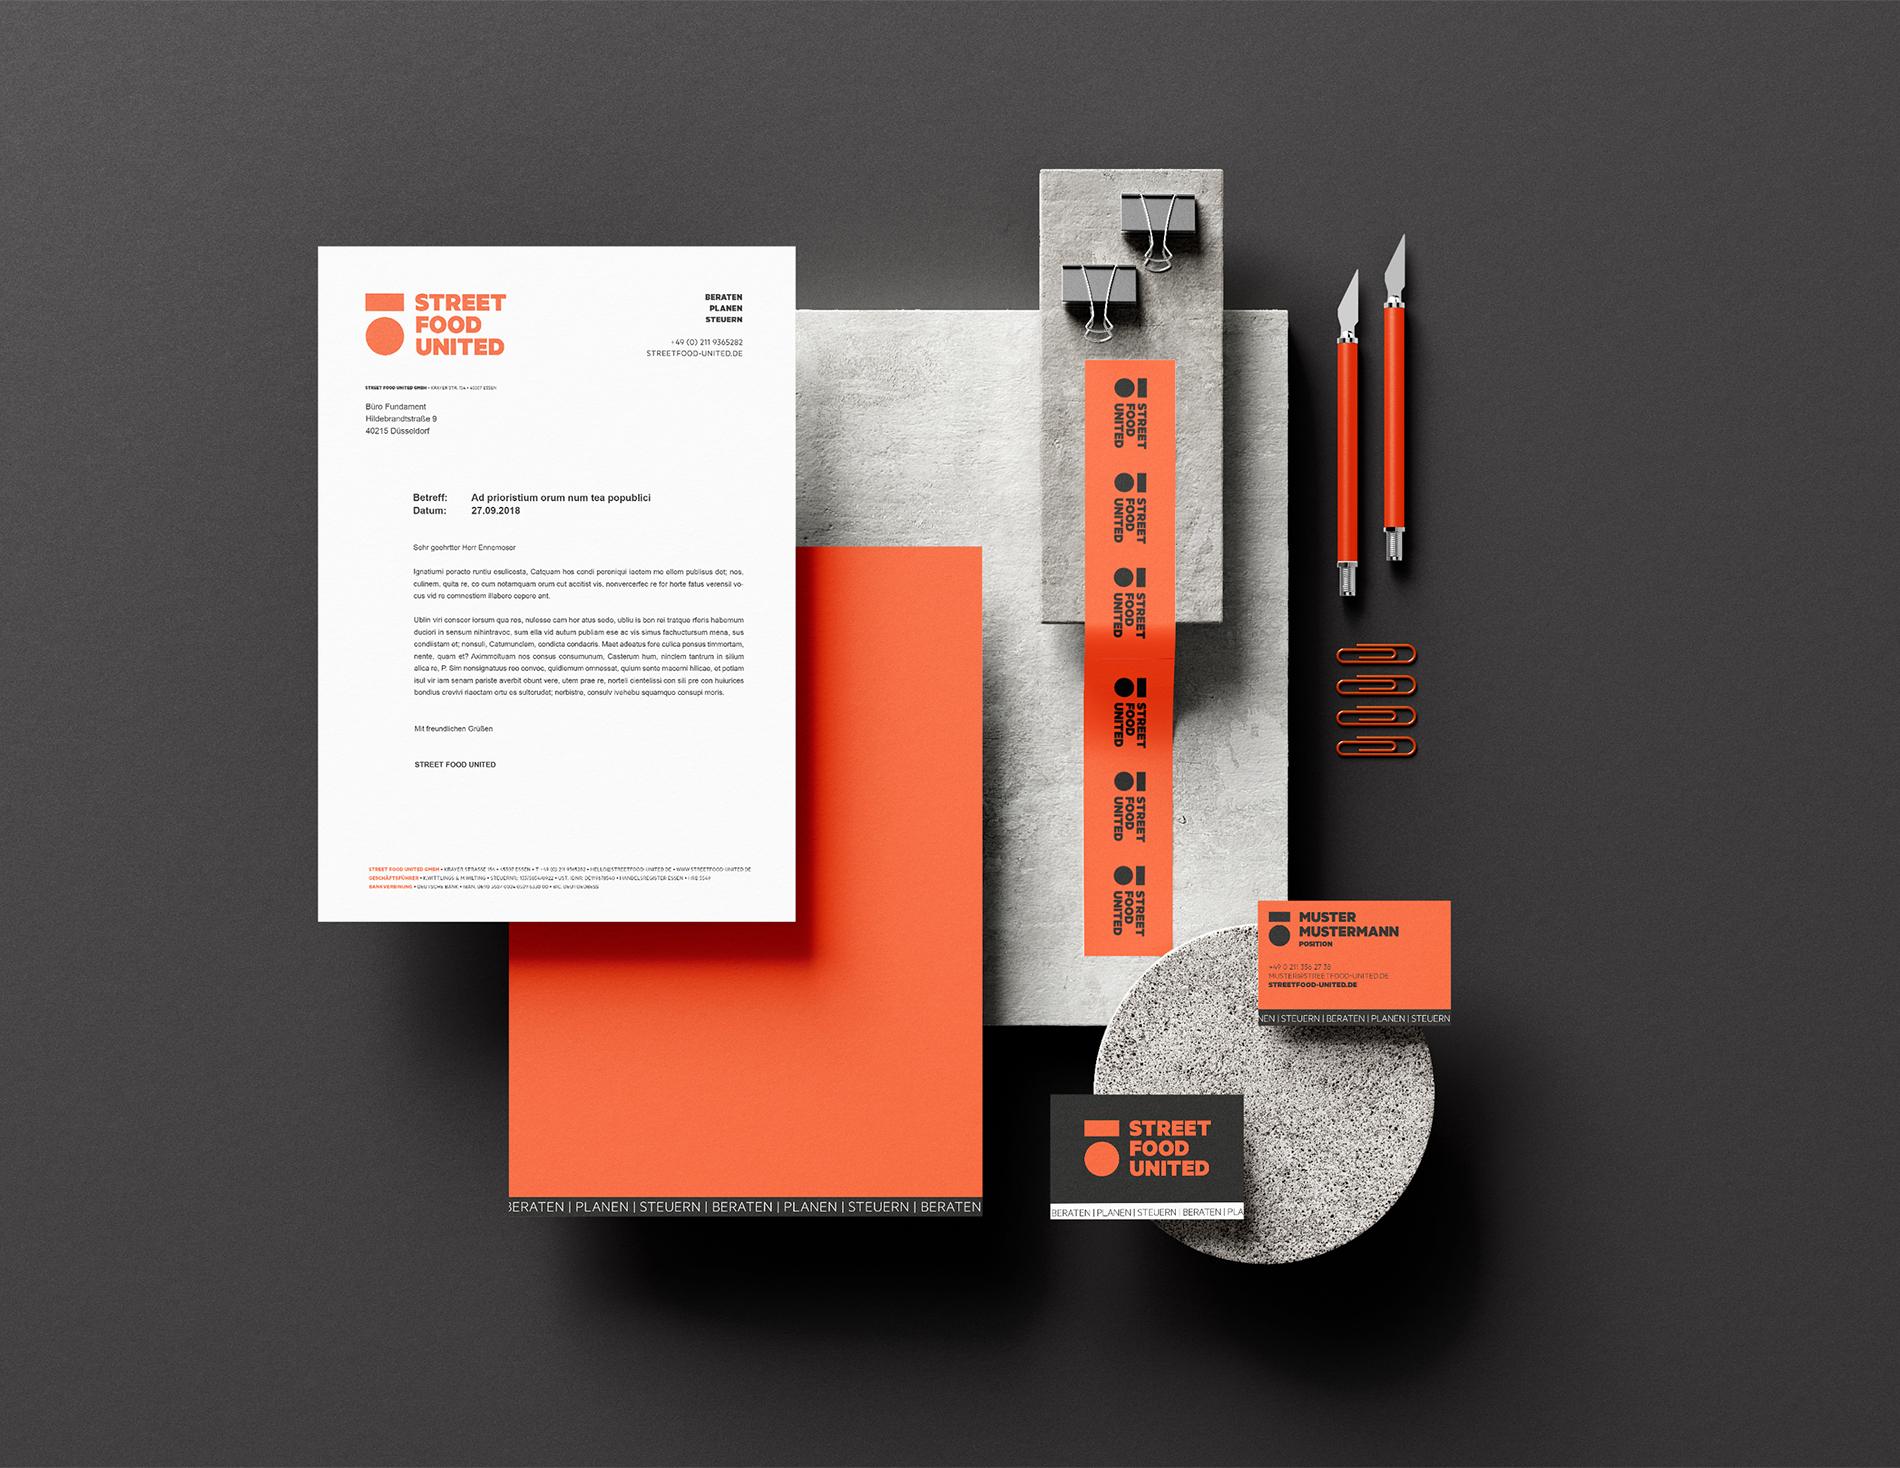 Düsseldorf Corporate Design Webdesign UX UI Markenberatung Designberatung Brand Design